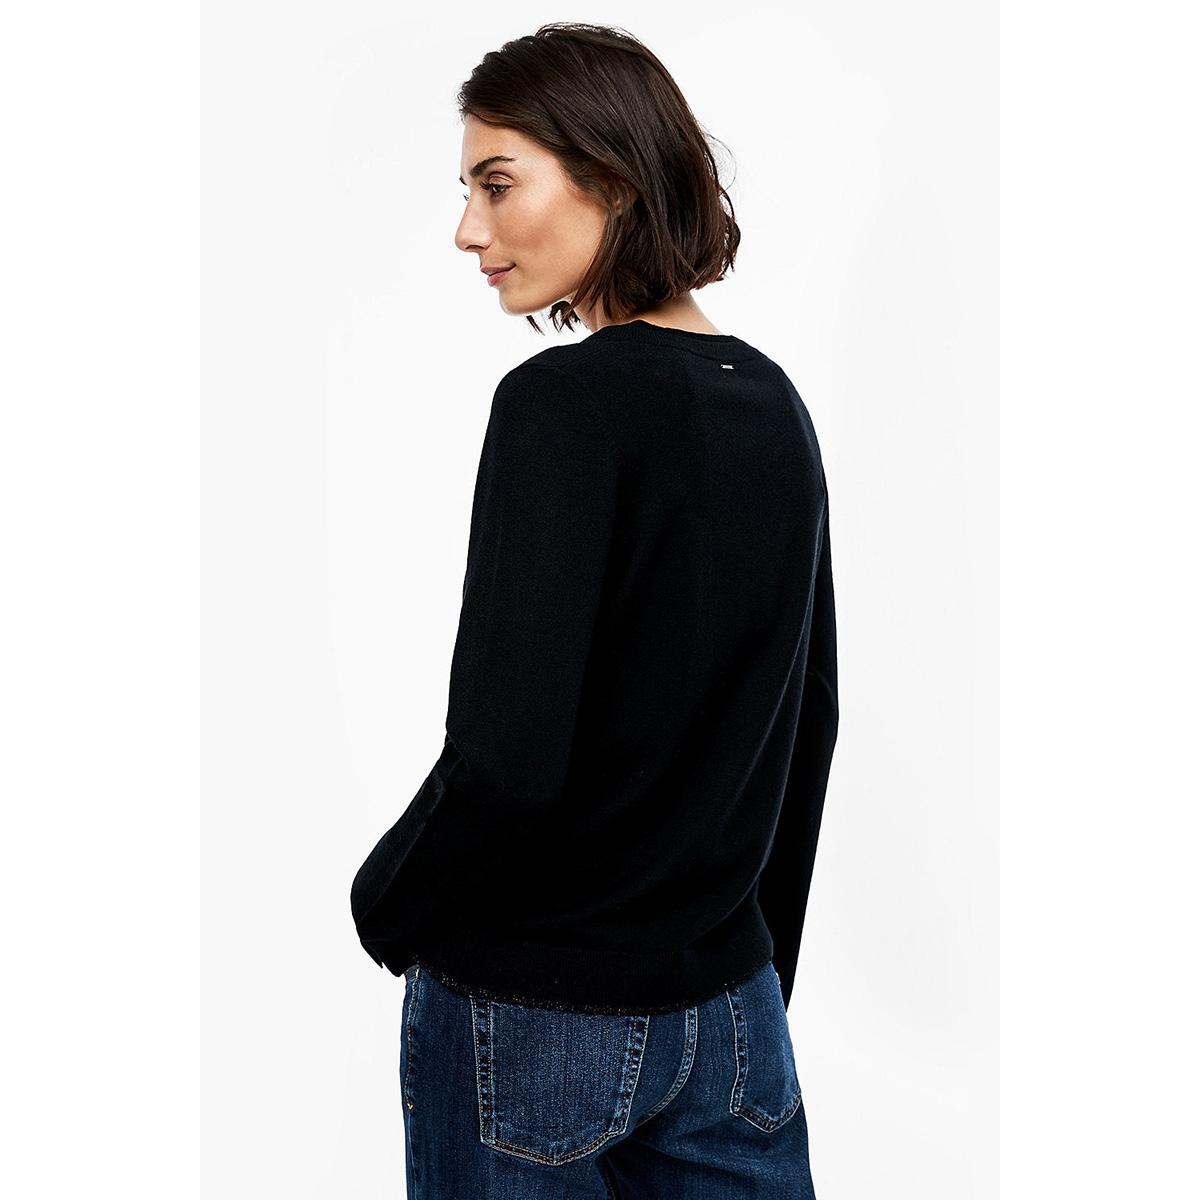 gemeleerde trui met v hals 14911616604 s.oliver trui 9999